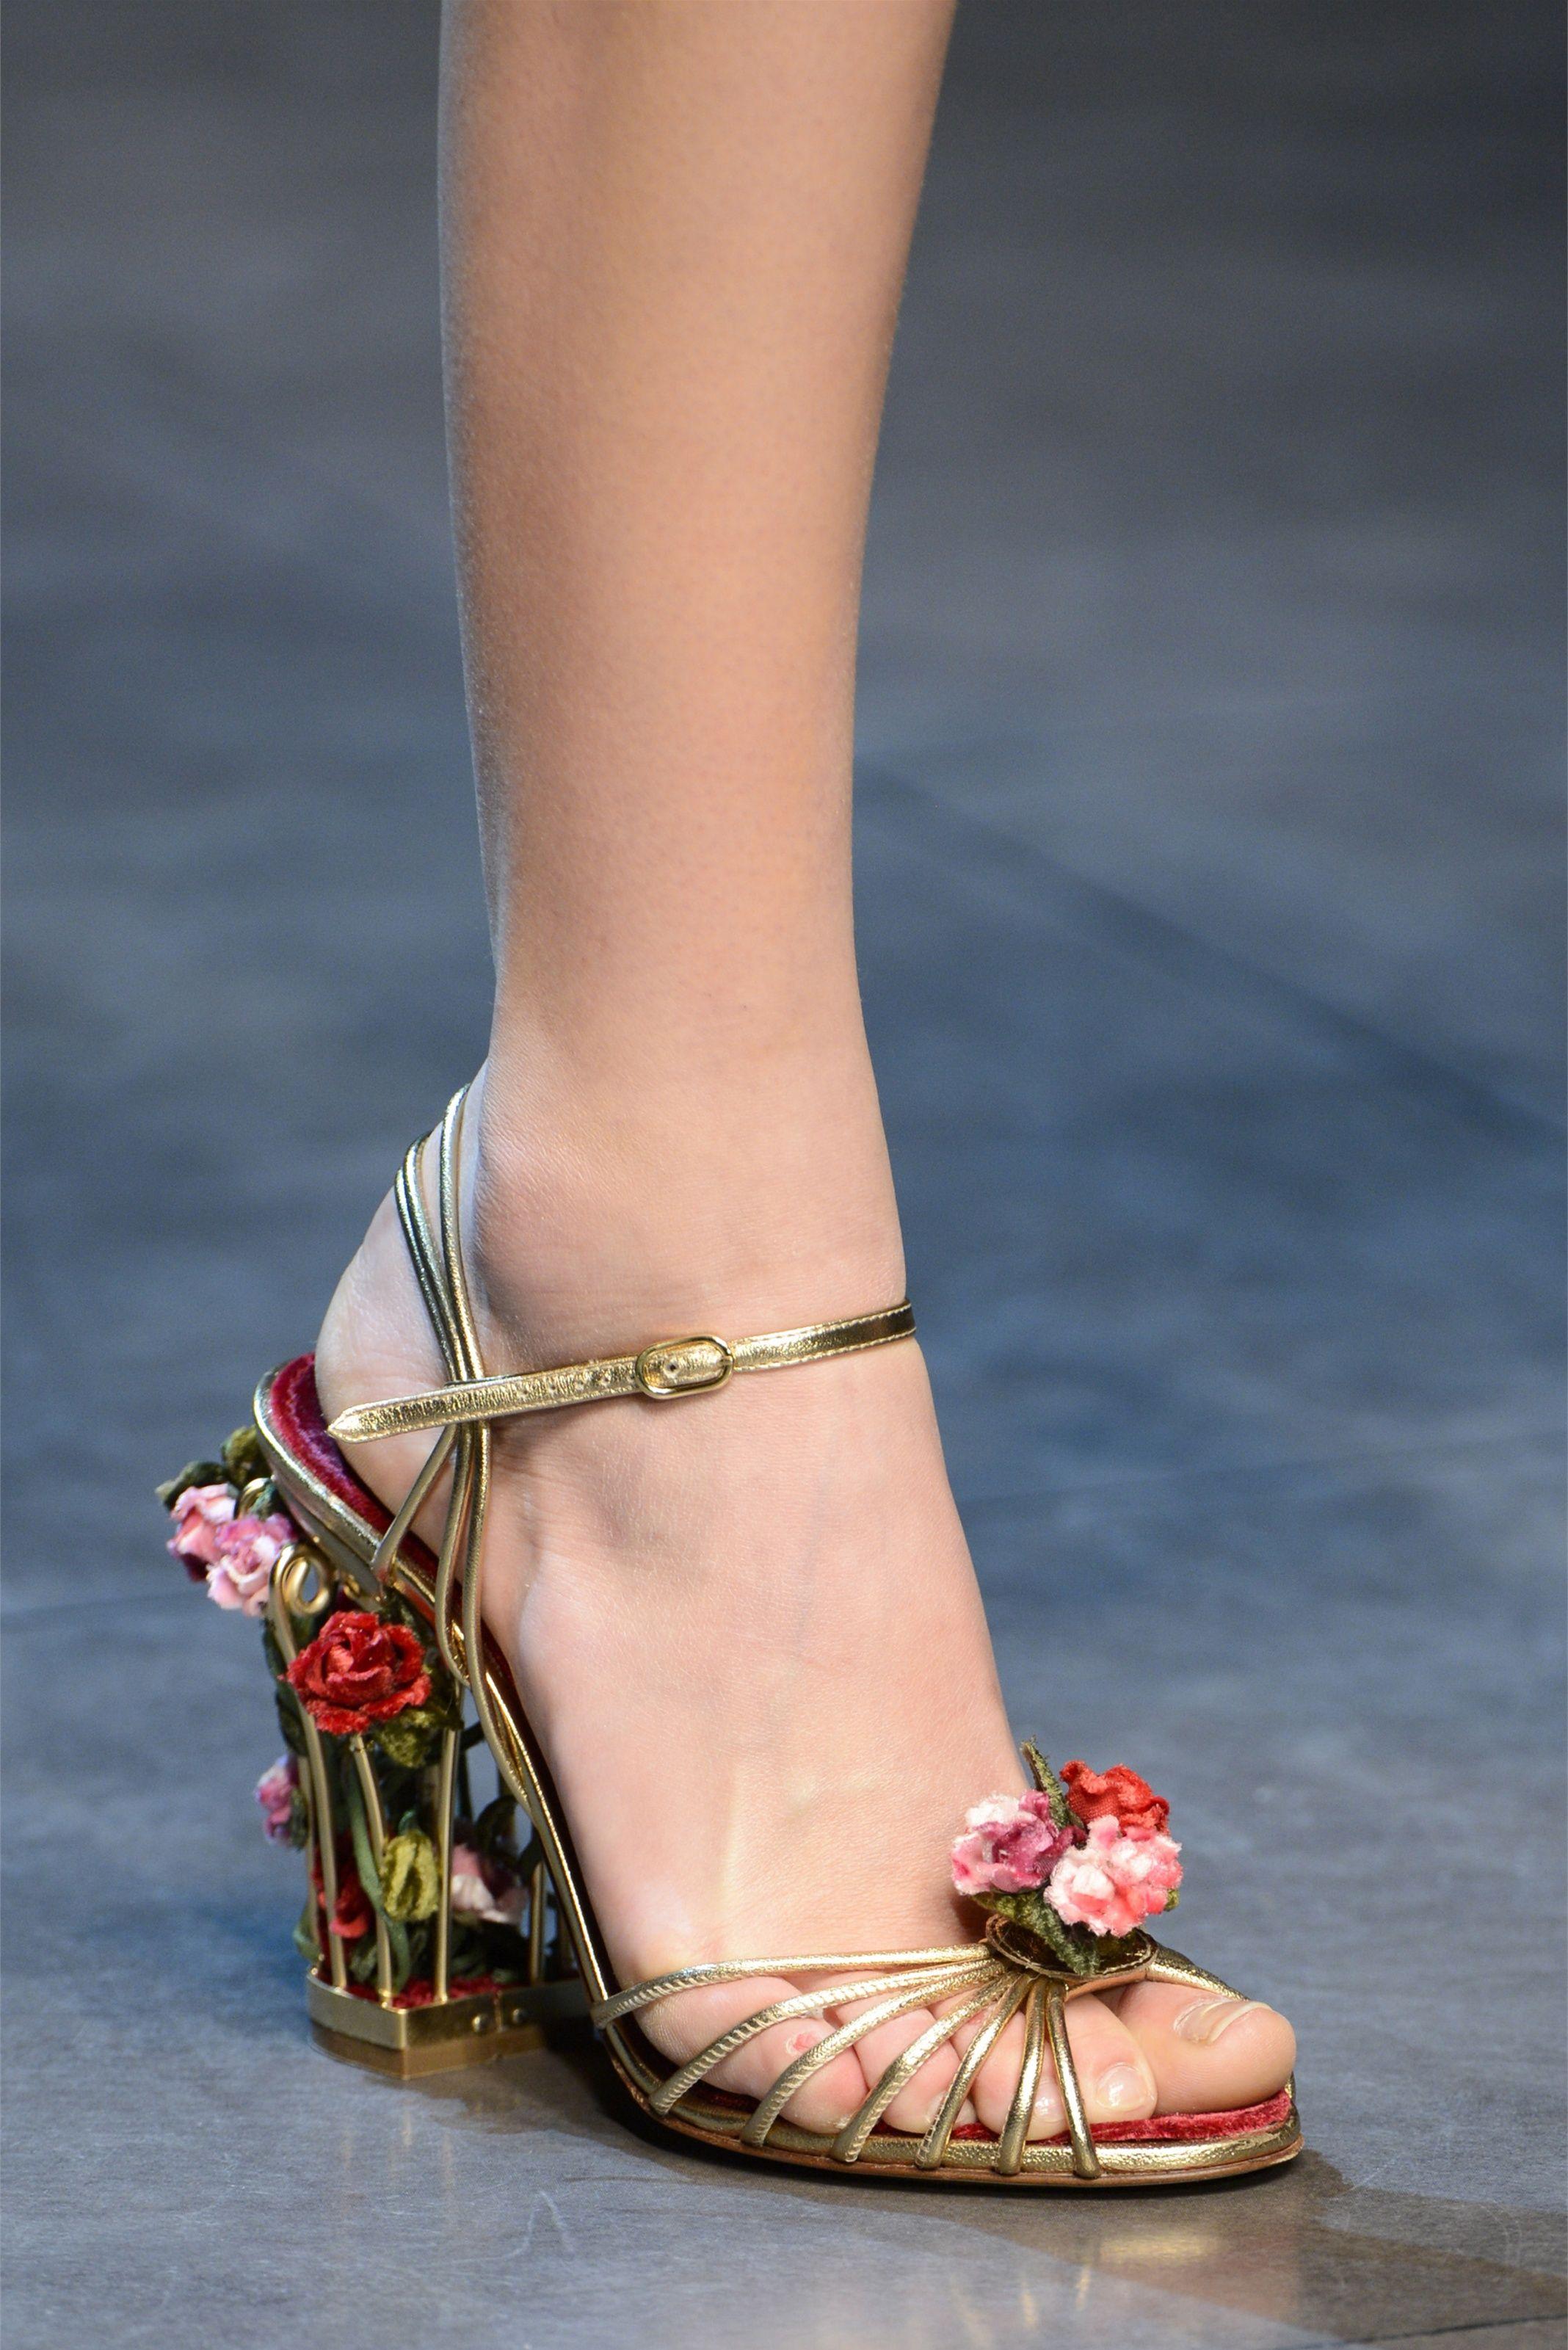 Sfilata Dolce   Gabbana Milano - Collezioni Autunno Inverno 2013-14 - Vogue 07180e6ec1e